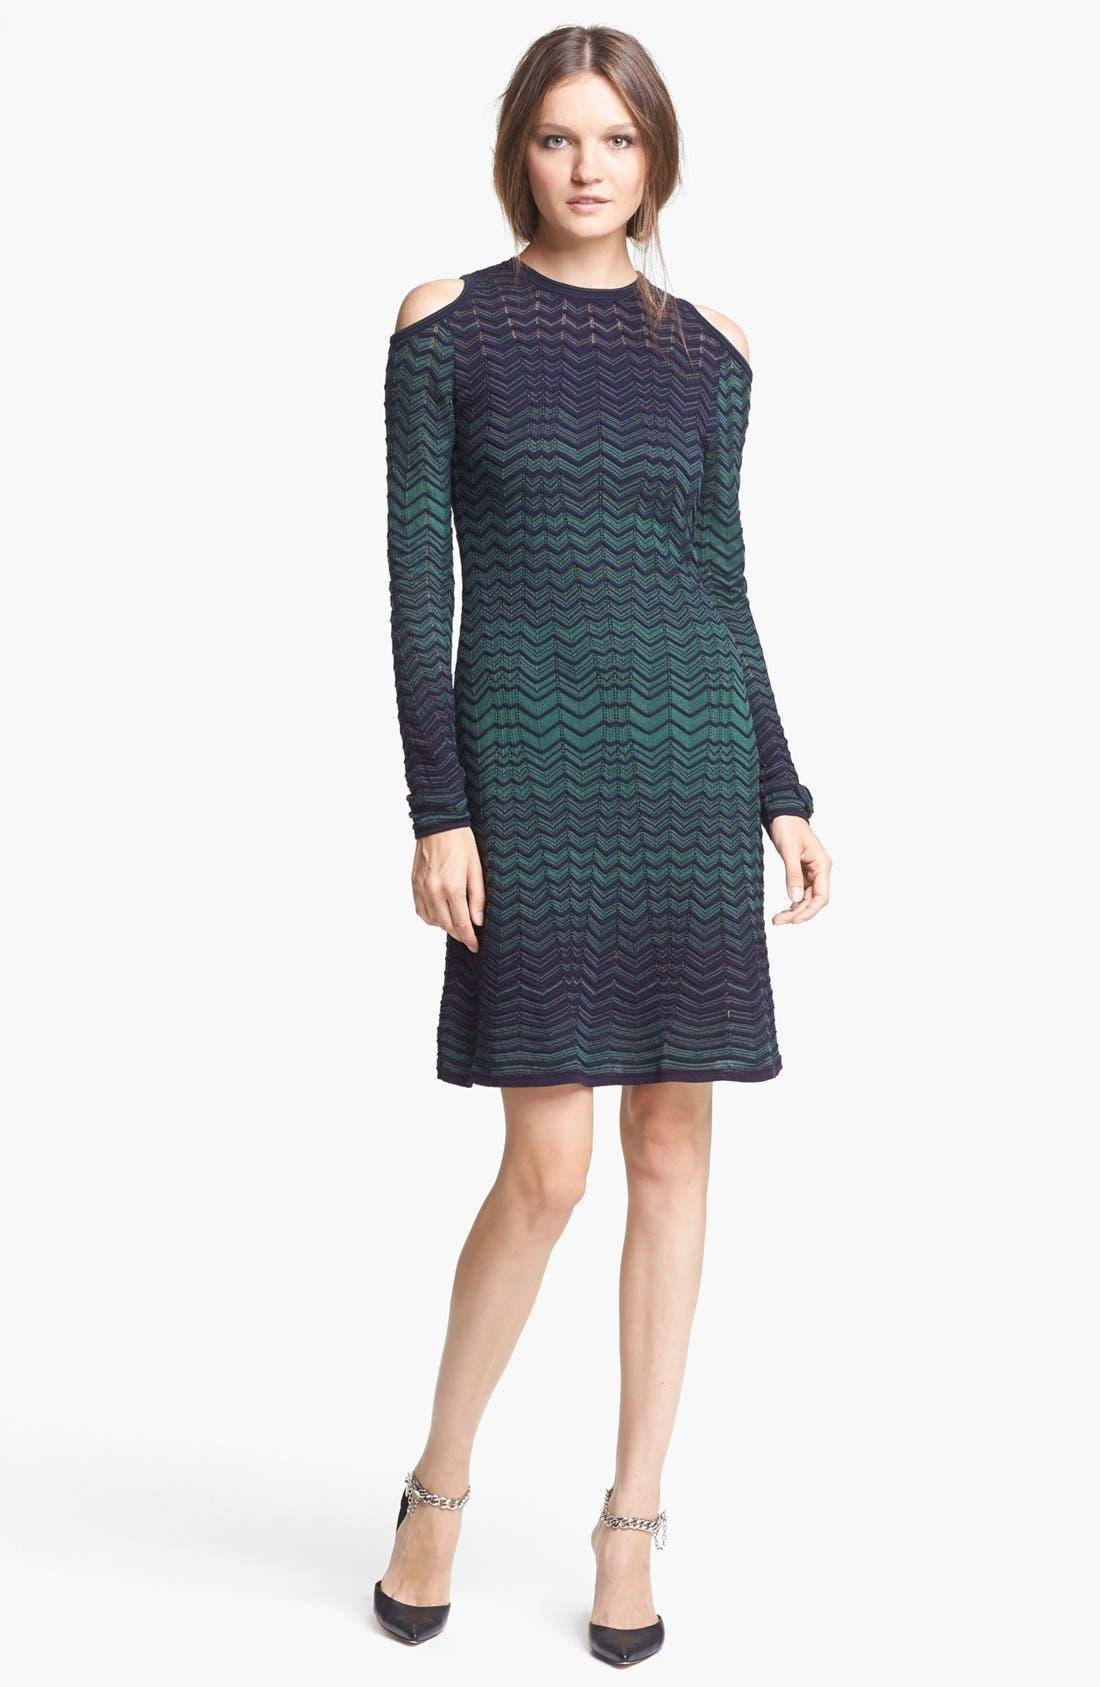 Alternate Image 1 Selected - M Missoni Cold Shoulder Zigzag Knit Dress